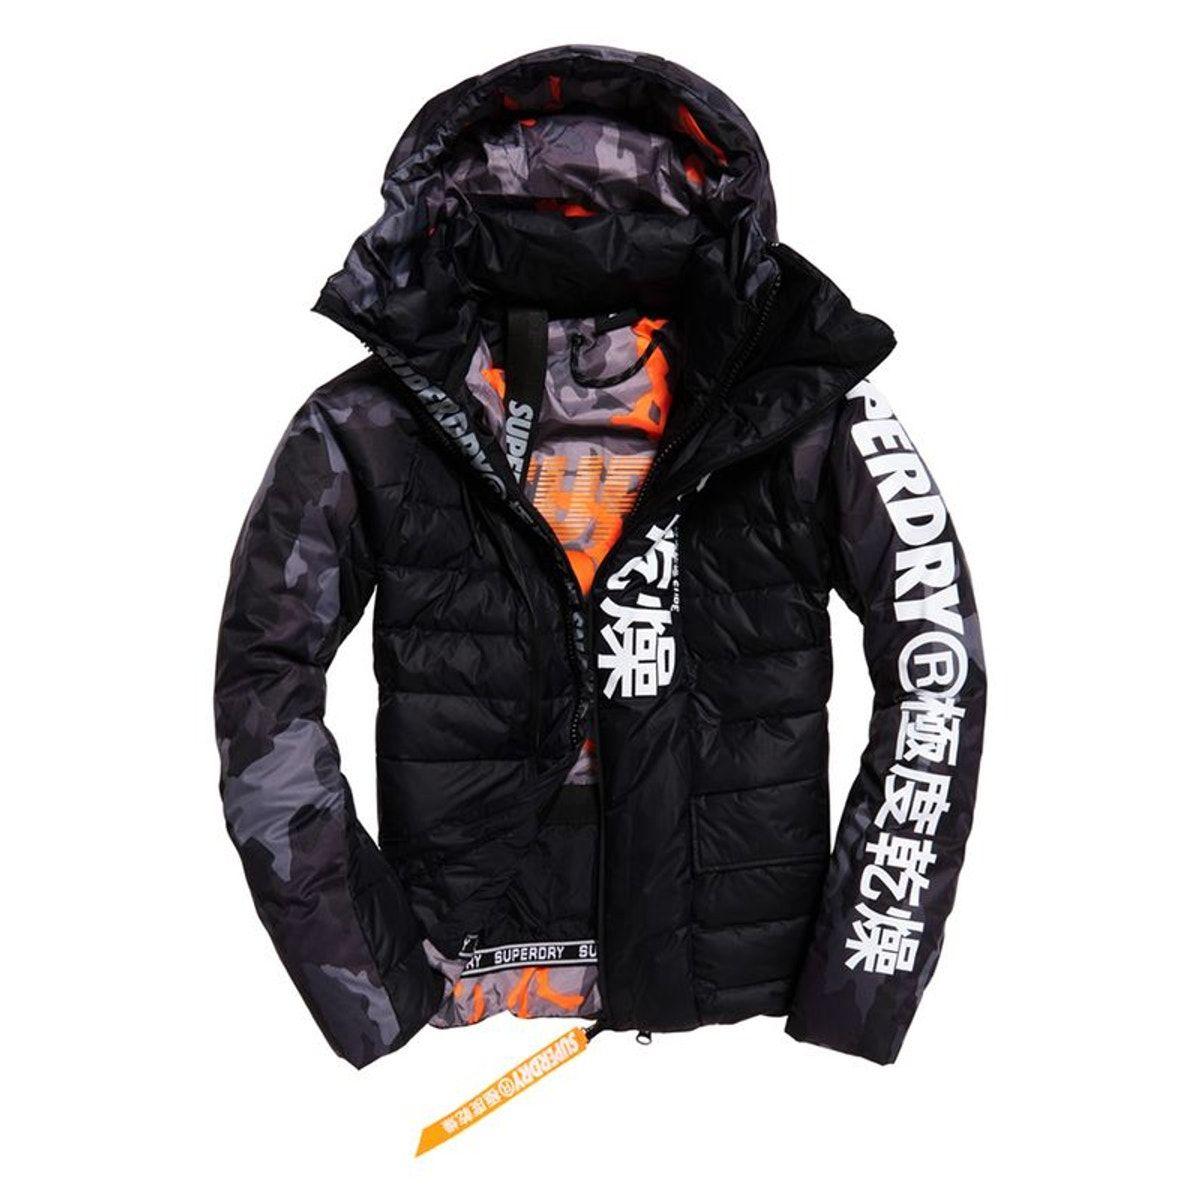 Veste rembourrée Japan Edition Snow | Veste rembourrée